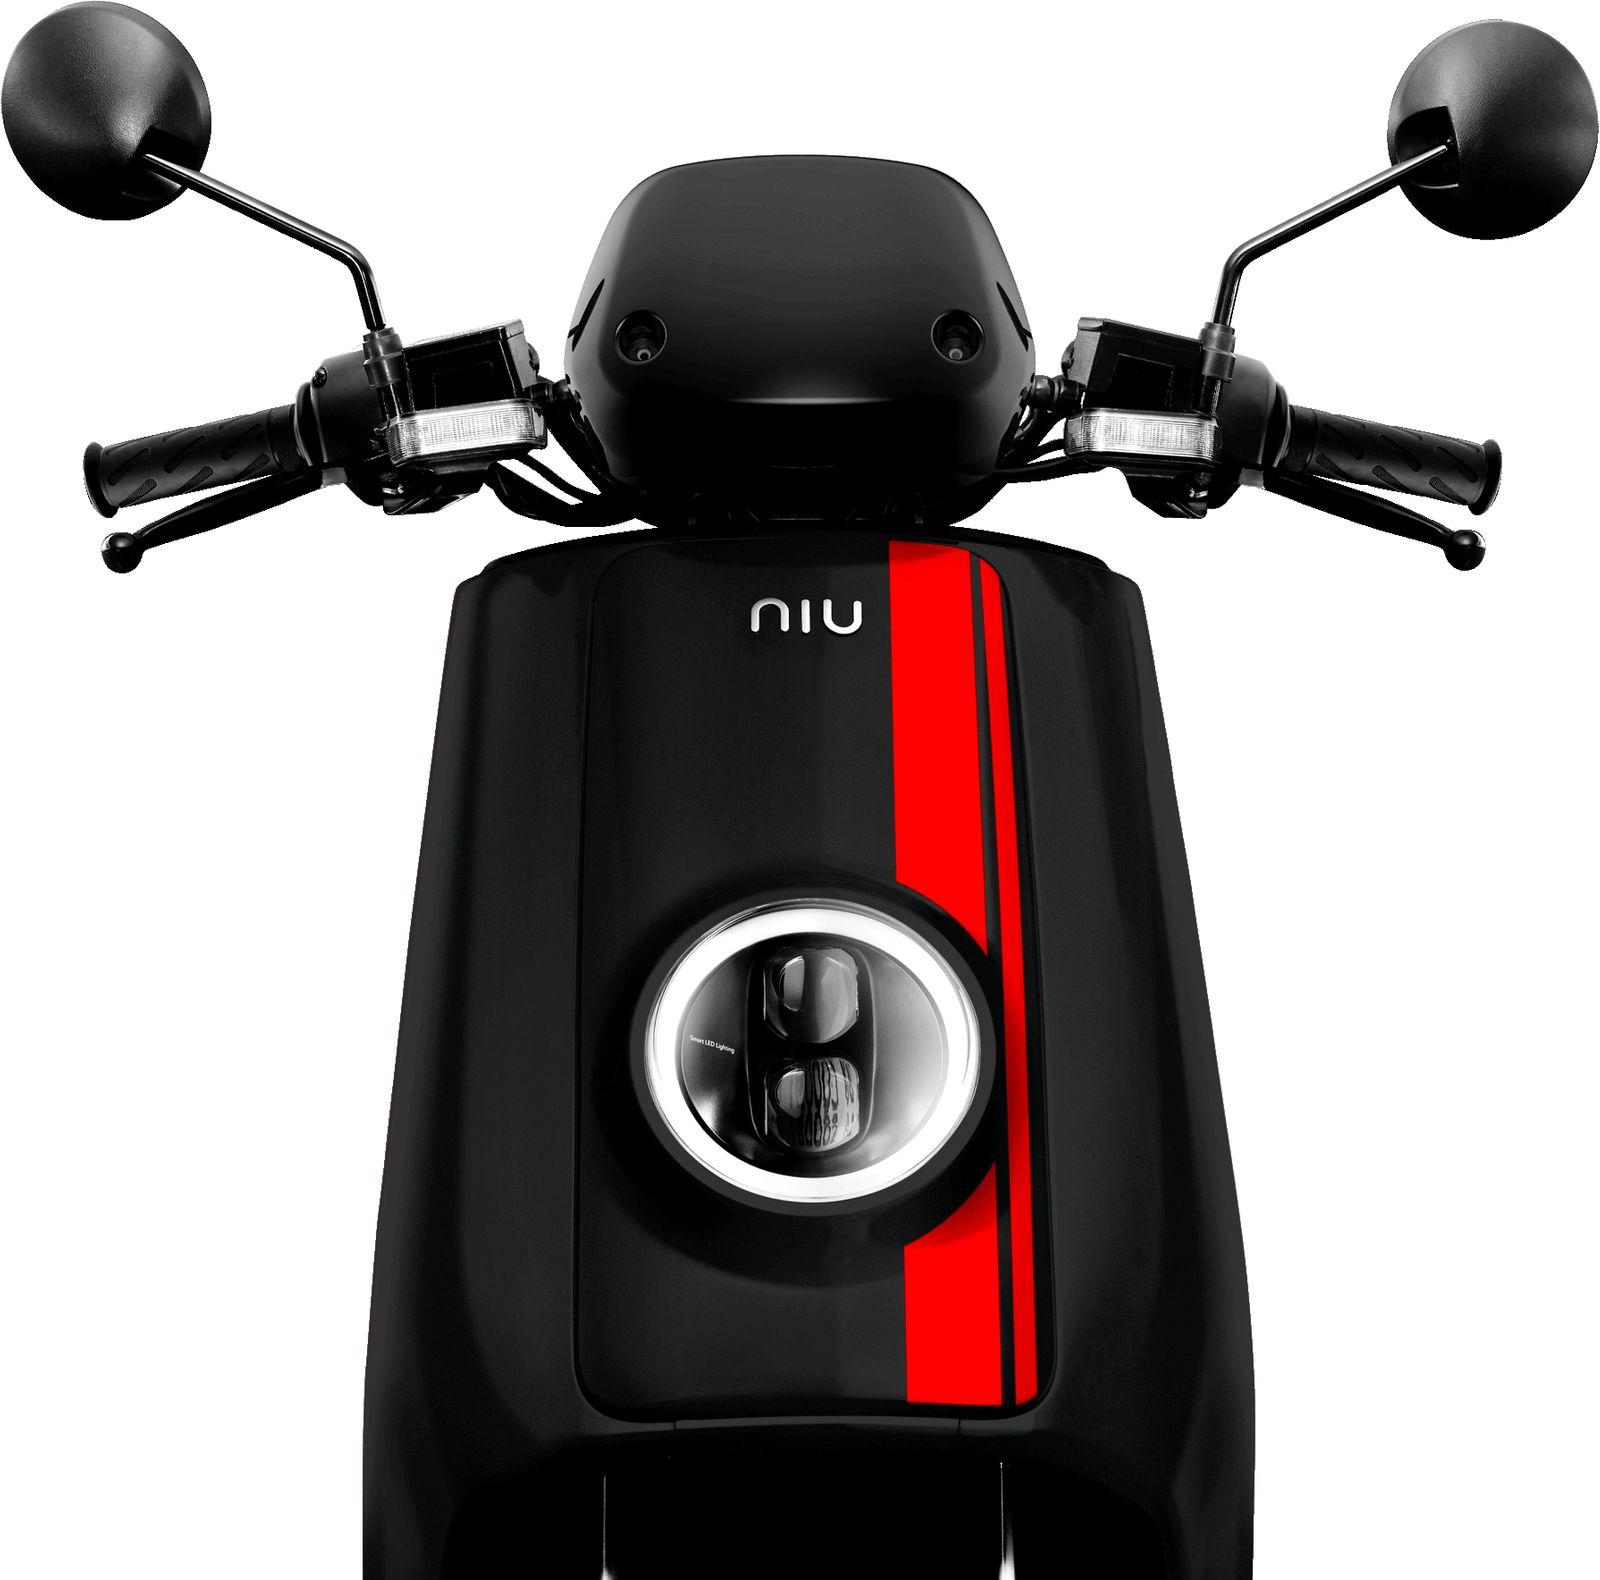 reemplazo de neum/áticos de Scooter Adecuado para Bicicletas Neum/ático de Scooter el/éctrico f/ácil Insta 14x2.0 PU Neum/ático s/ólido a Prueba de explosiones Antideslizante y Resistente al desgarro